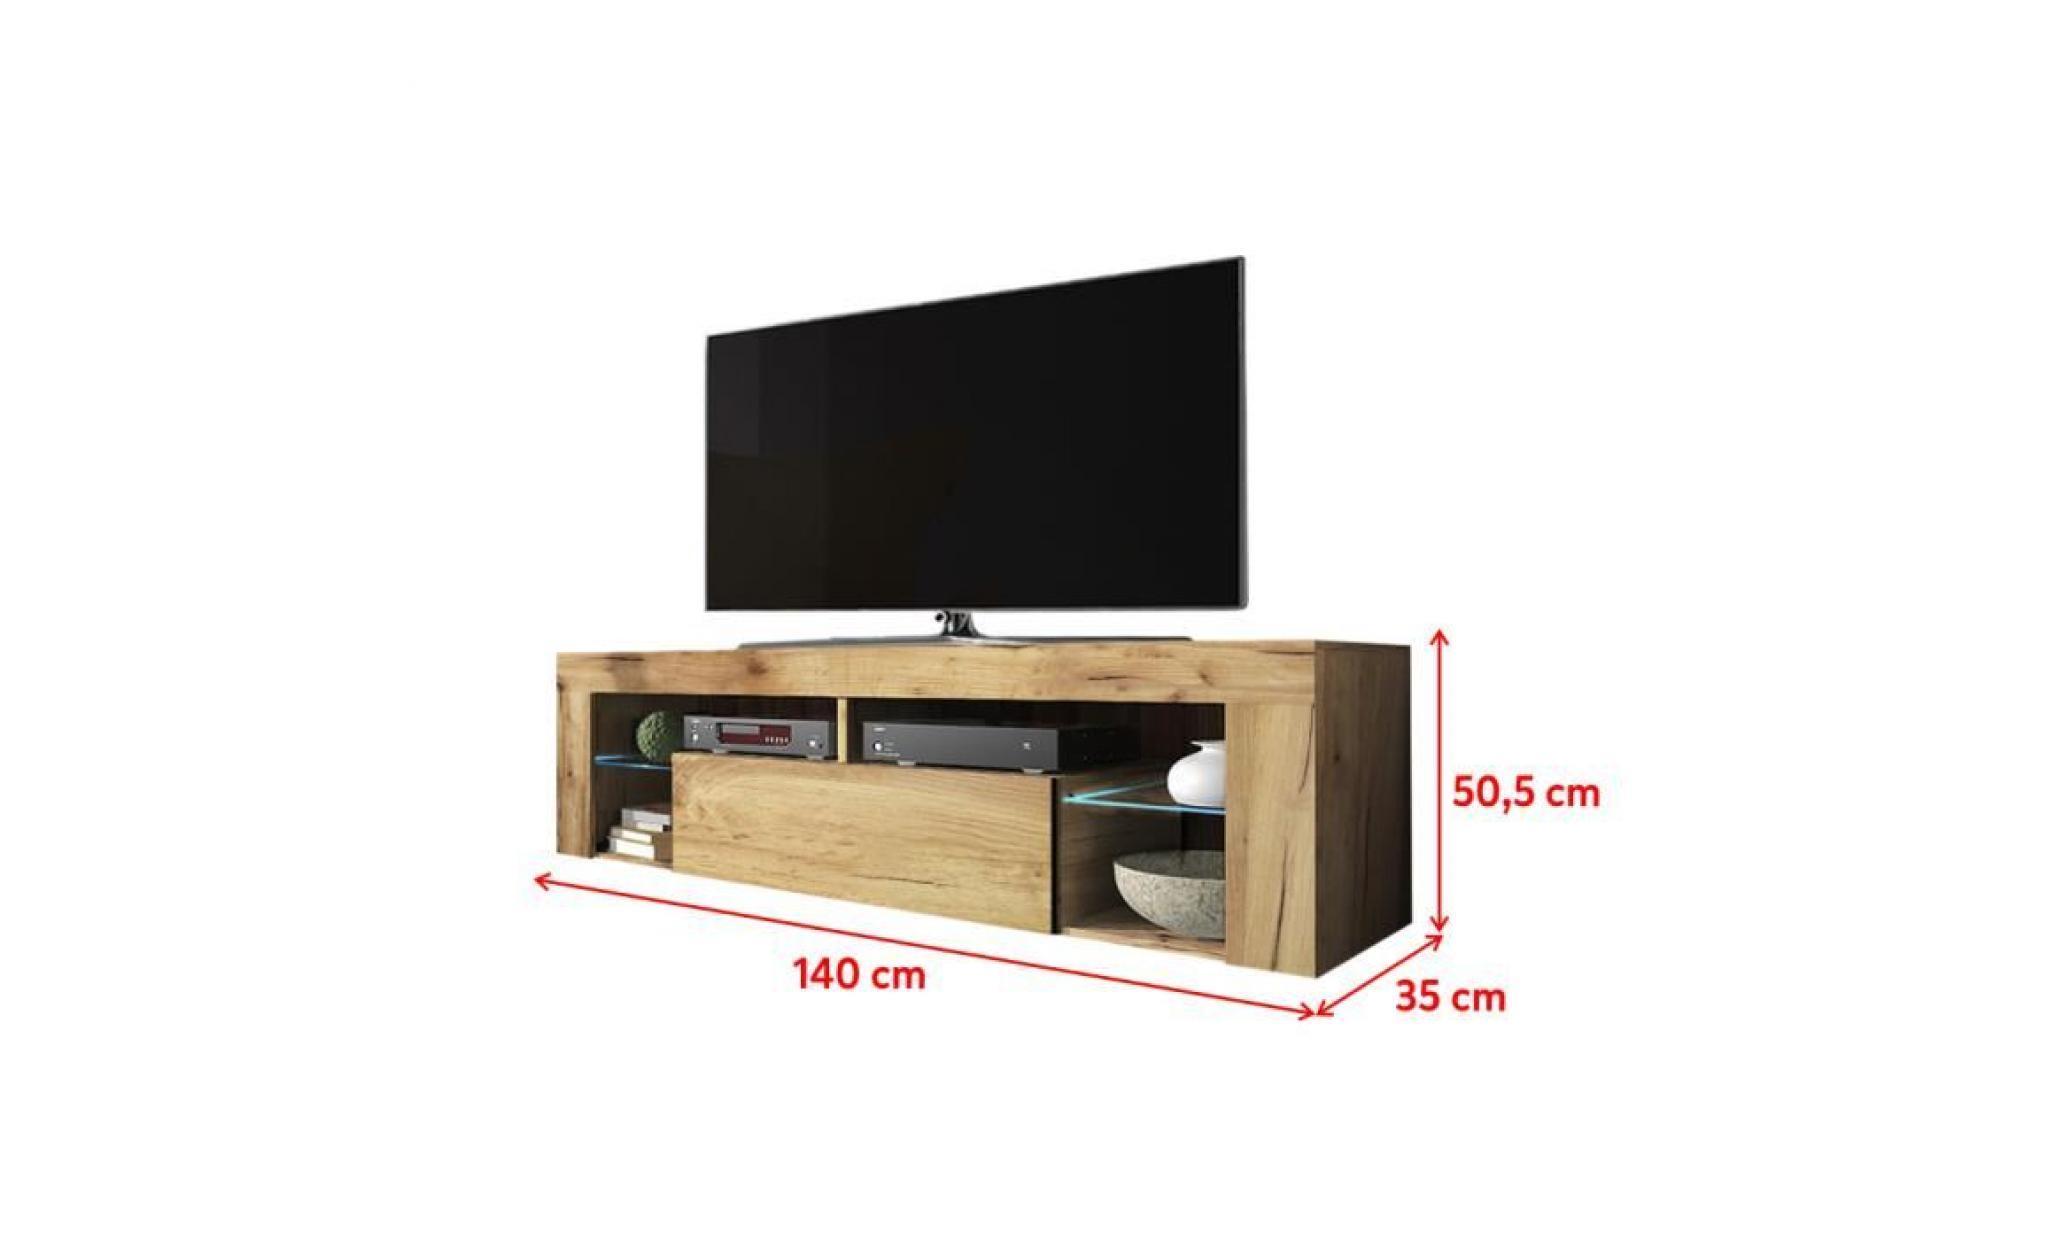 festnight meuble tv en bois massif tv cabinet meuble de television 120 x 30 x 36 cm avec 4 roulettes meubles de rangement